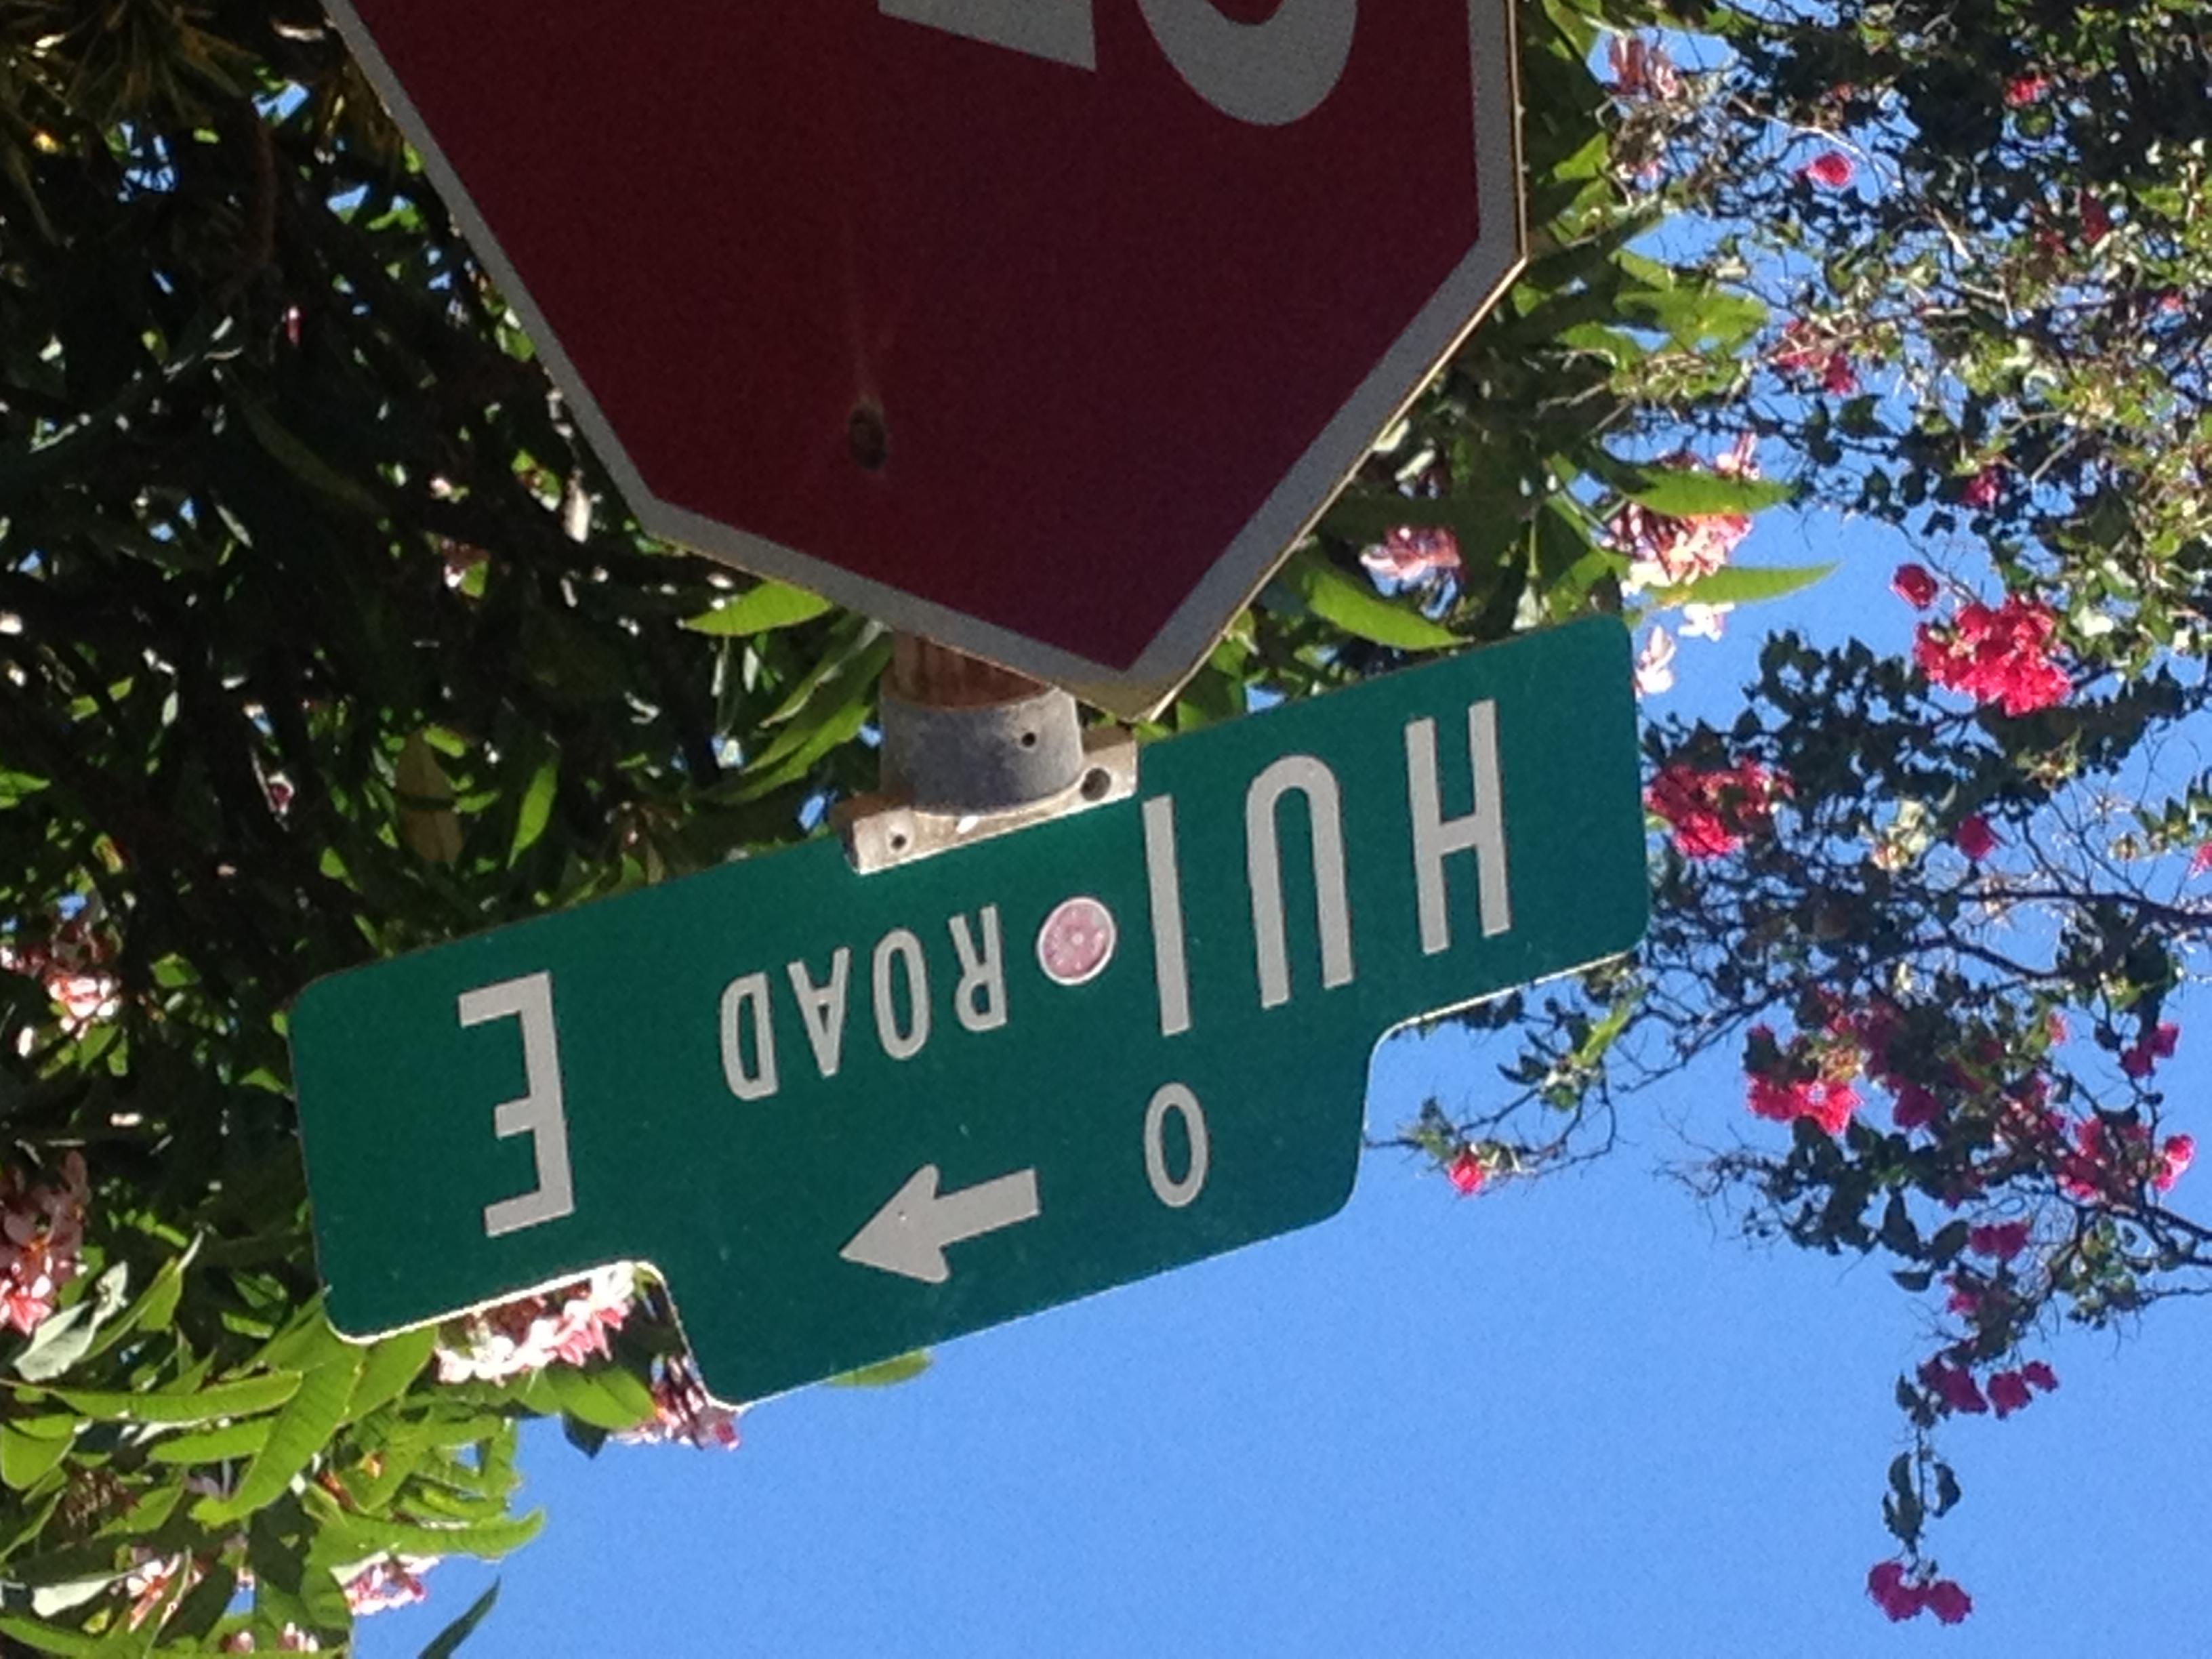 Hui Road E